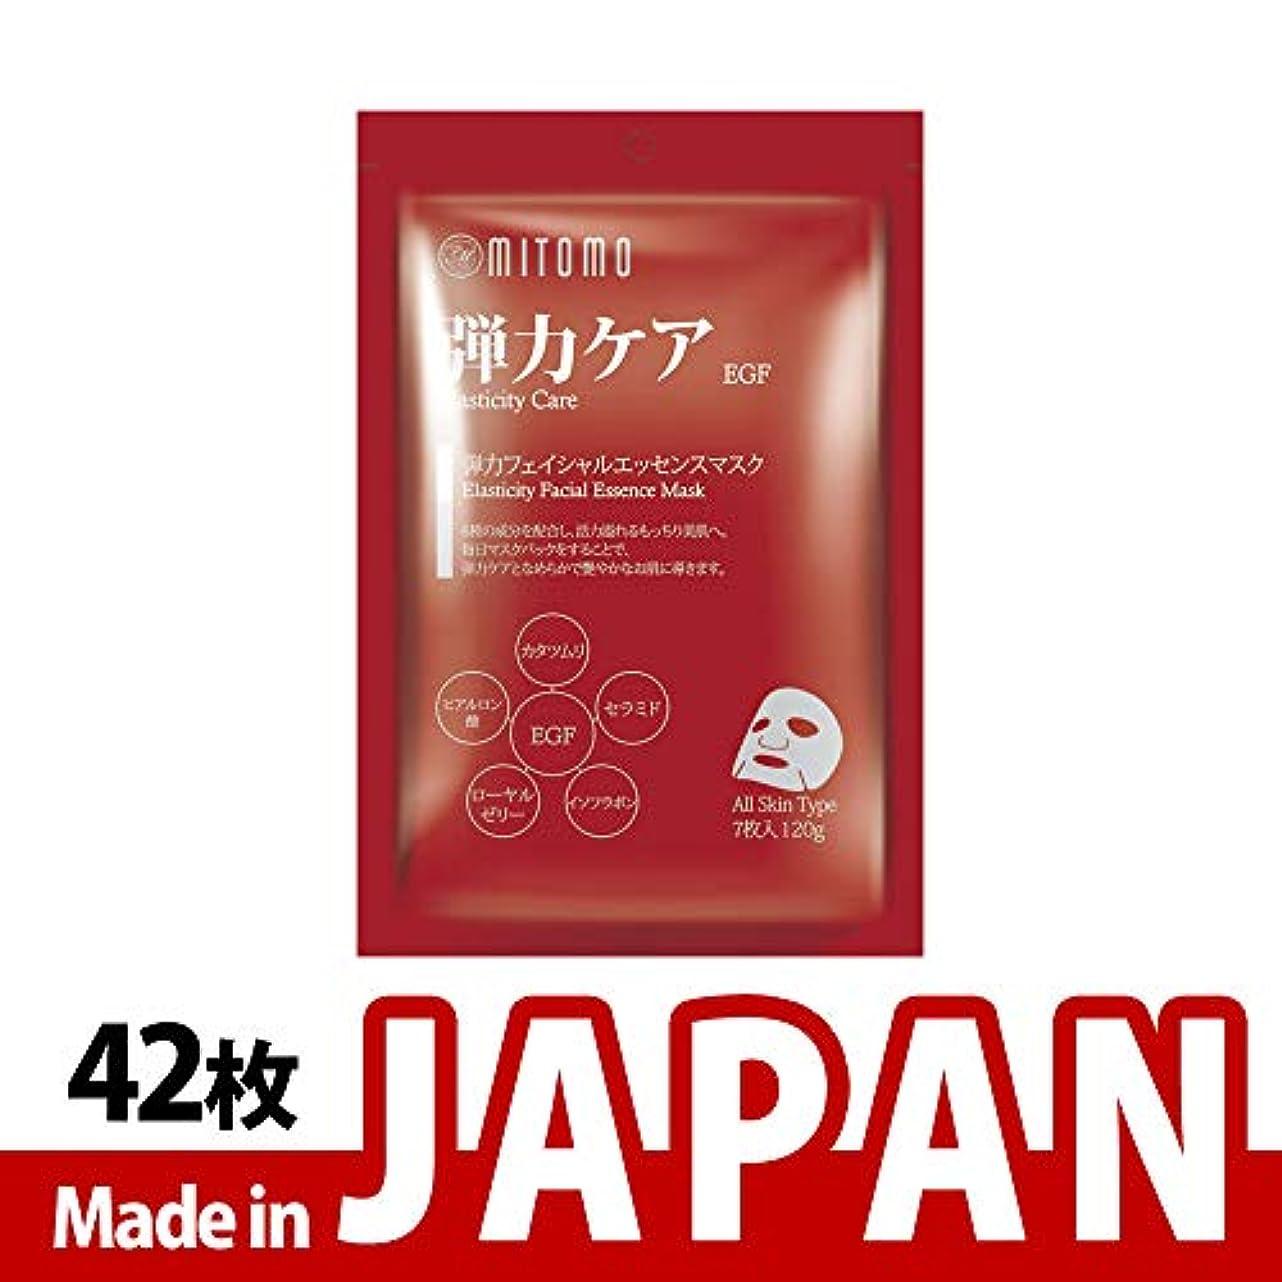 動物正当な理解【MT101-C-0】MITOMO日本製シートマスク/7枚入り/42枚/美容液/マスクパック/送料無料